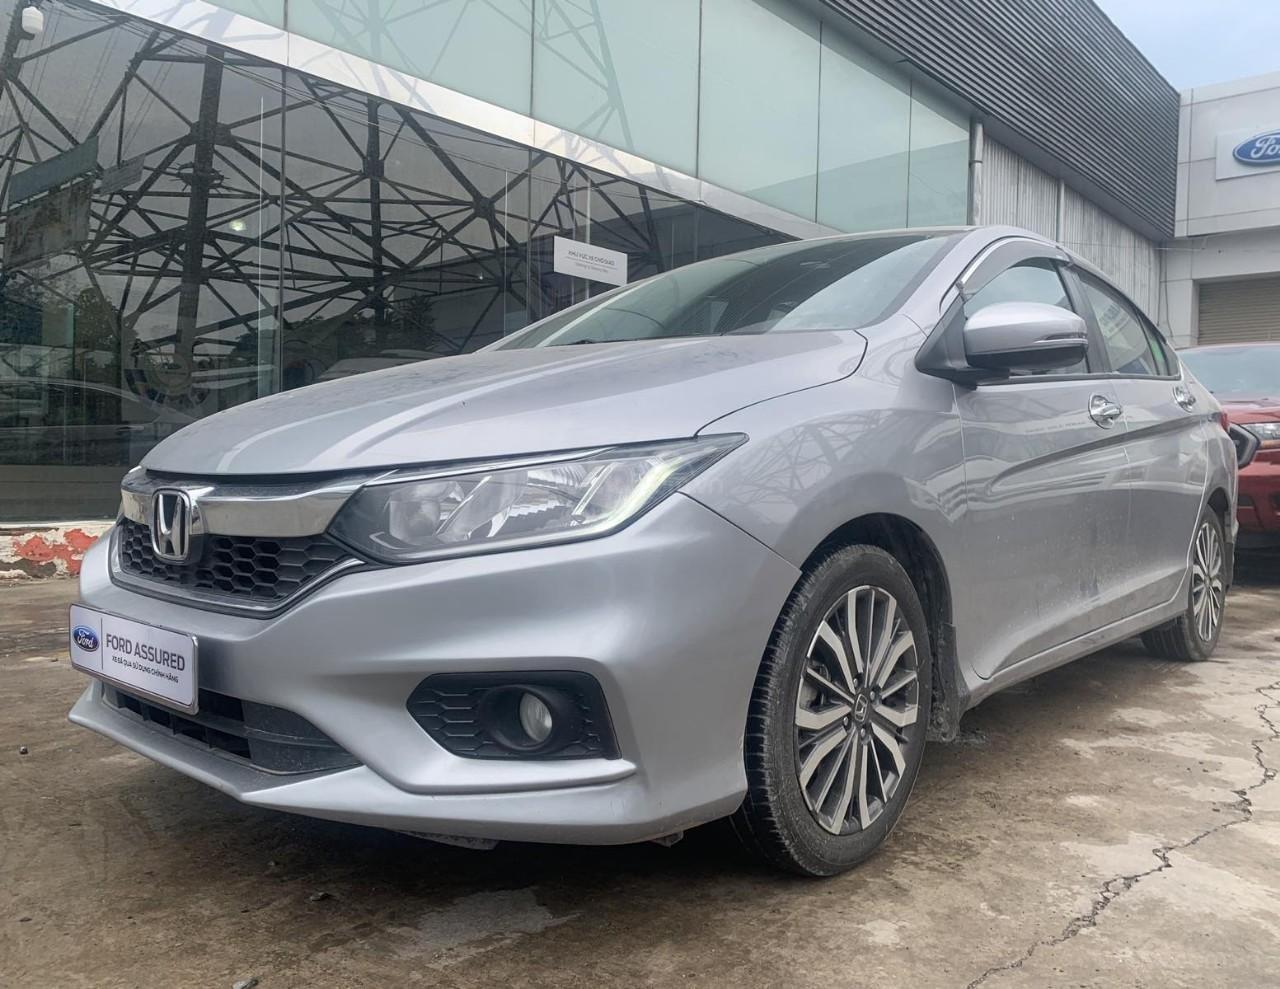 Honda City 1.5 CVT 2018 tự động, bảo hành chính hãng (2)